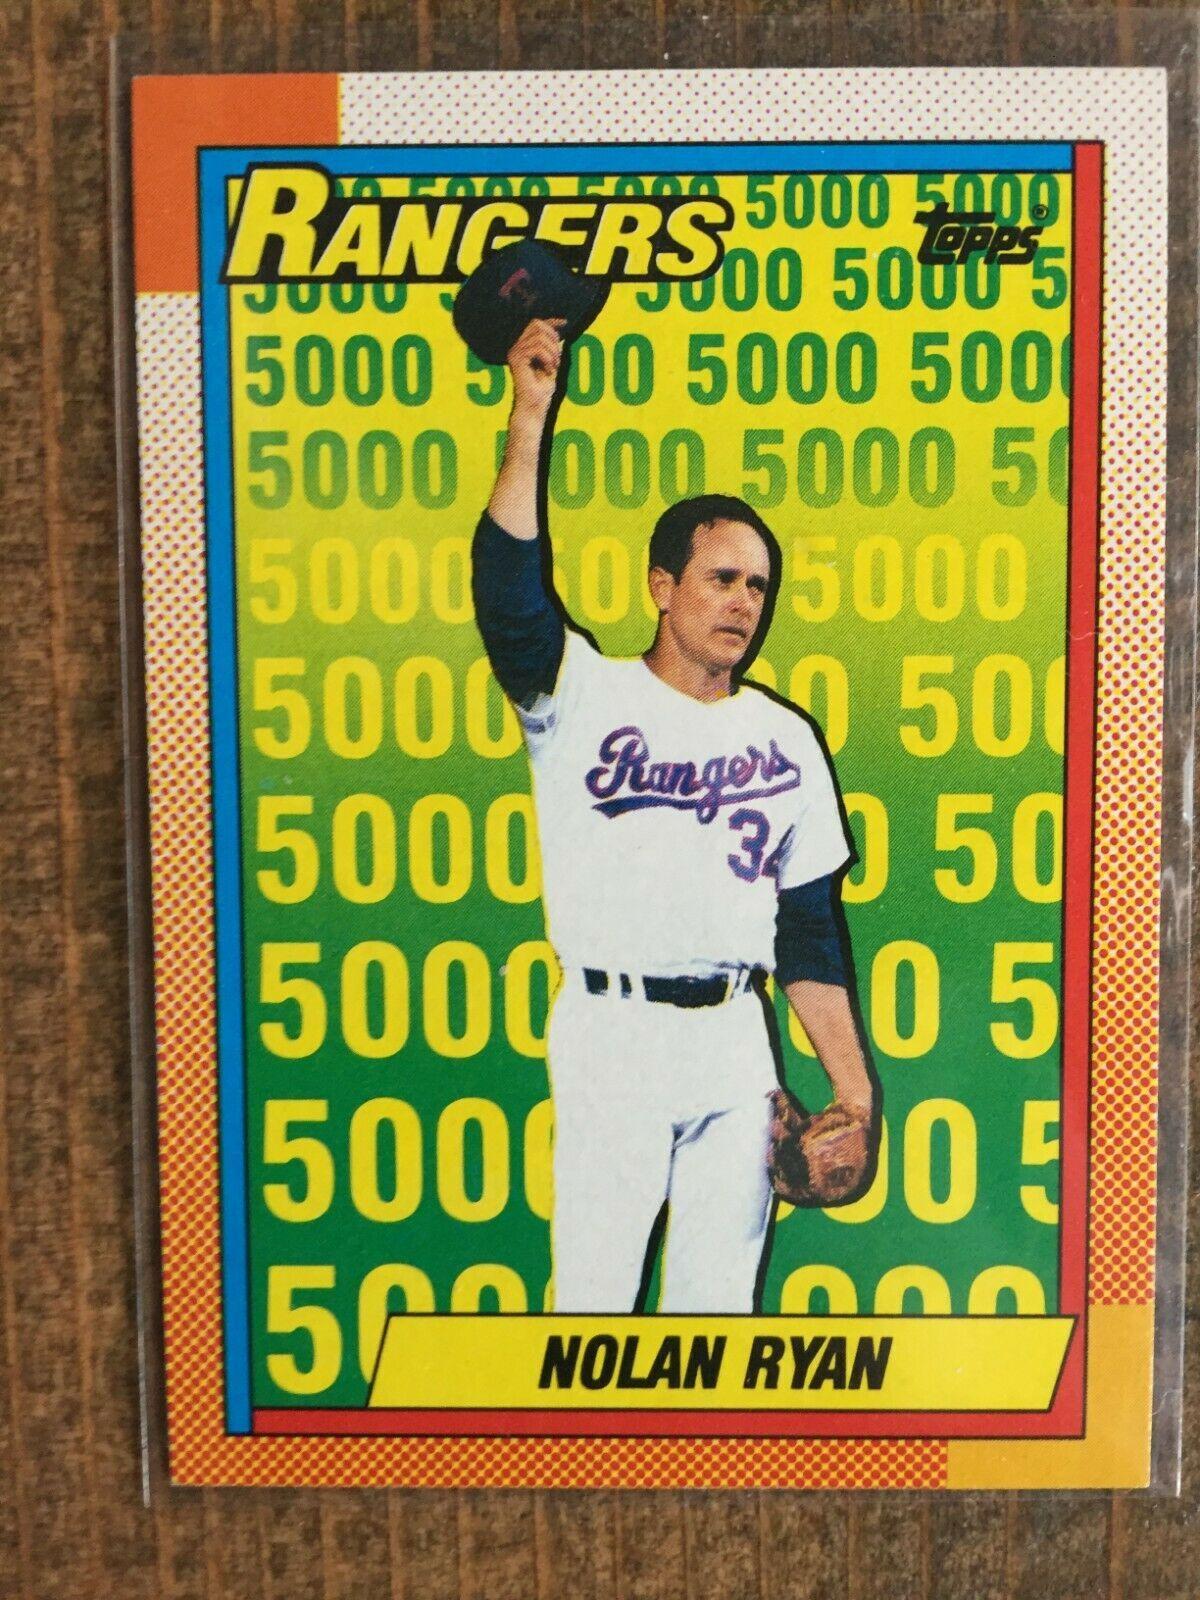 1990 Topps 5 Nolan Ryan Texas Rangers 5000 Strikeouts Nm Mt Nice Card Nolan Ryan Texas Rangers Mlb Texas Rangers